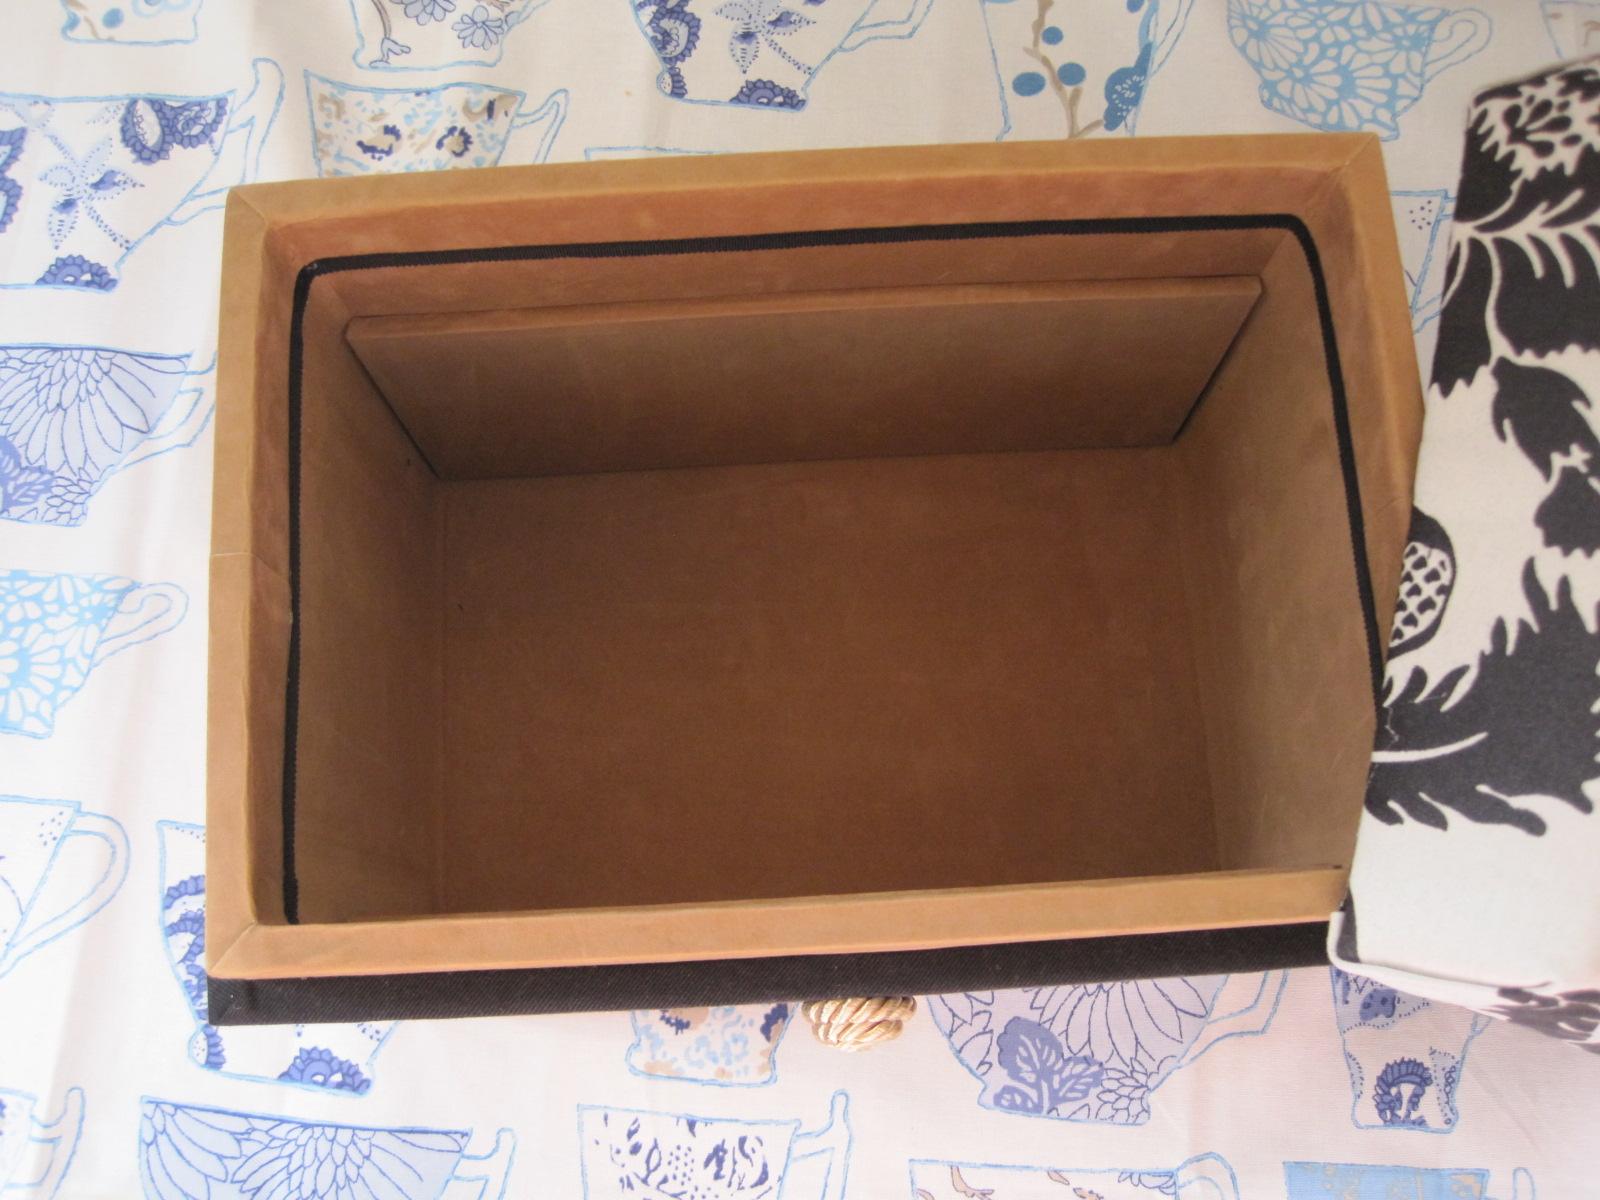 インテリア茶箱 ①_f0236260_12353596.jpg